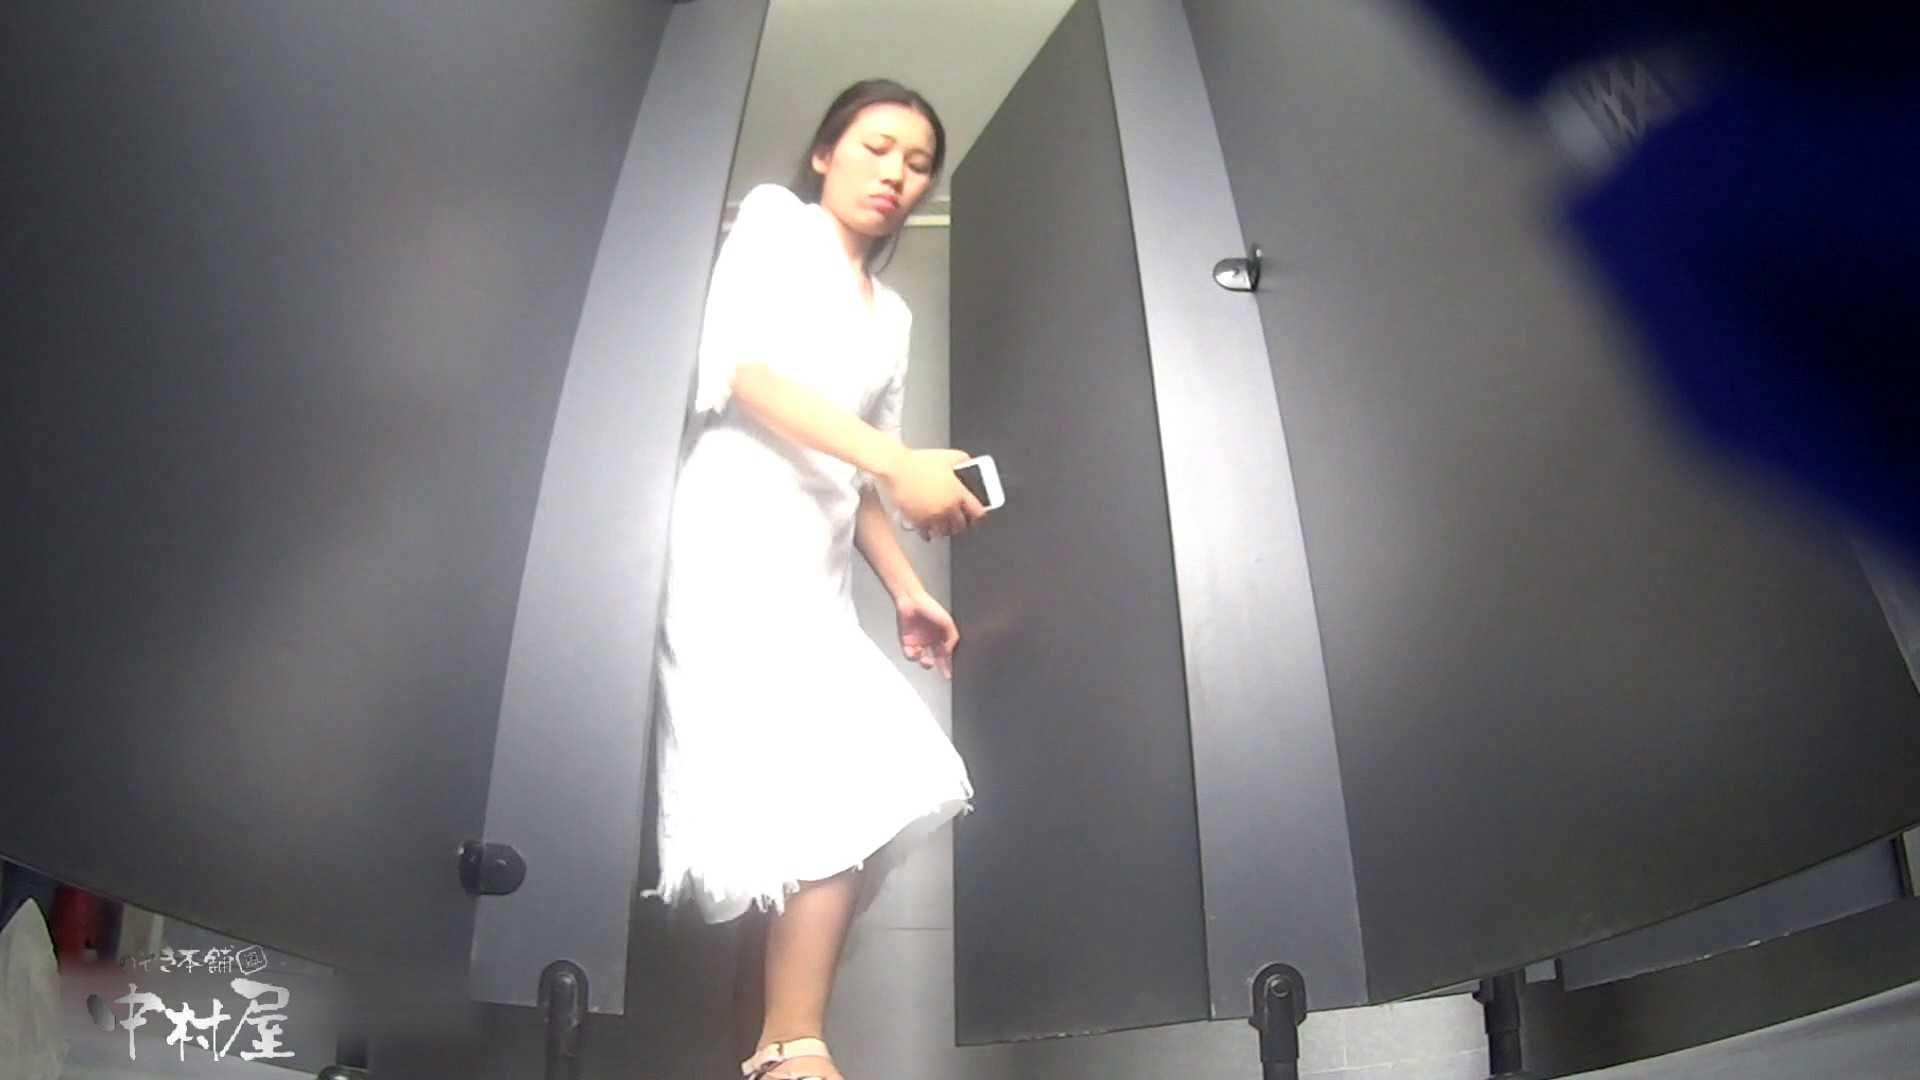 ツンデレお女市さんのトイレ事情 大学休憩時間の洗面所事情32 洗面所 盗撮エロ画像 75画像 43